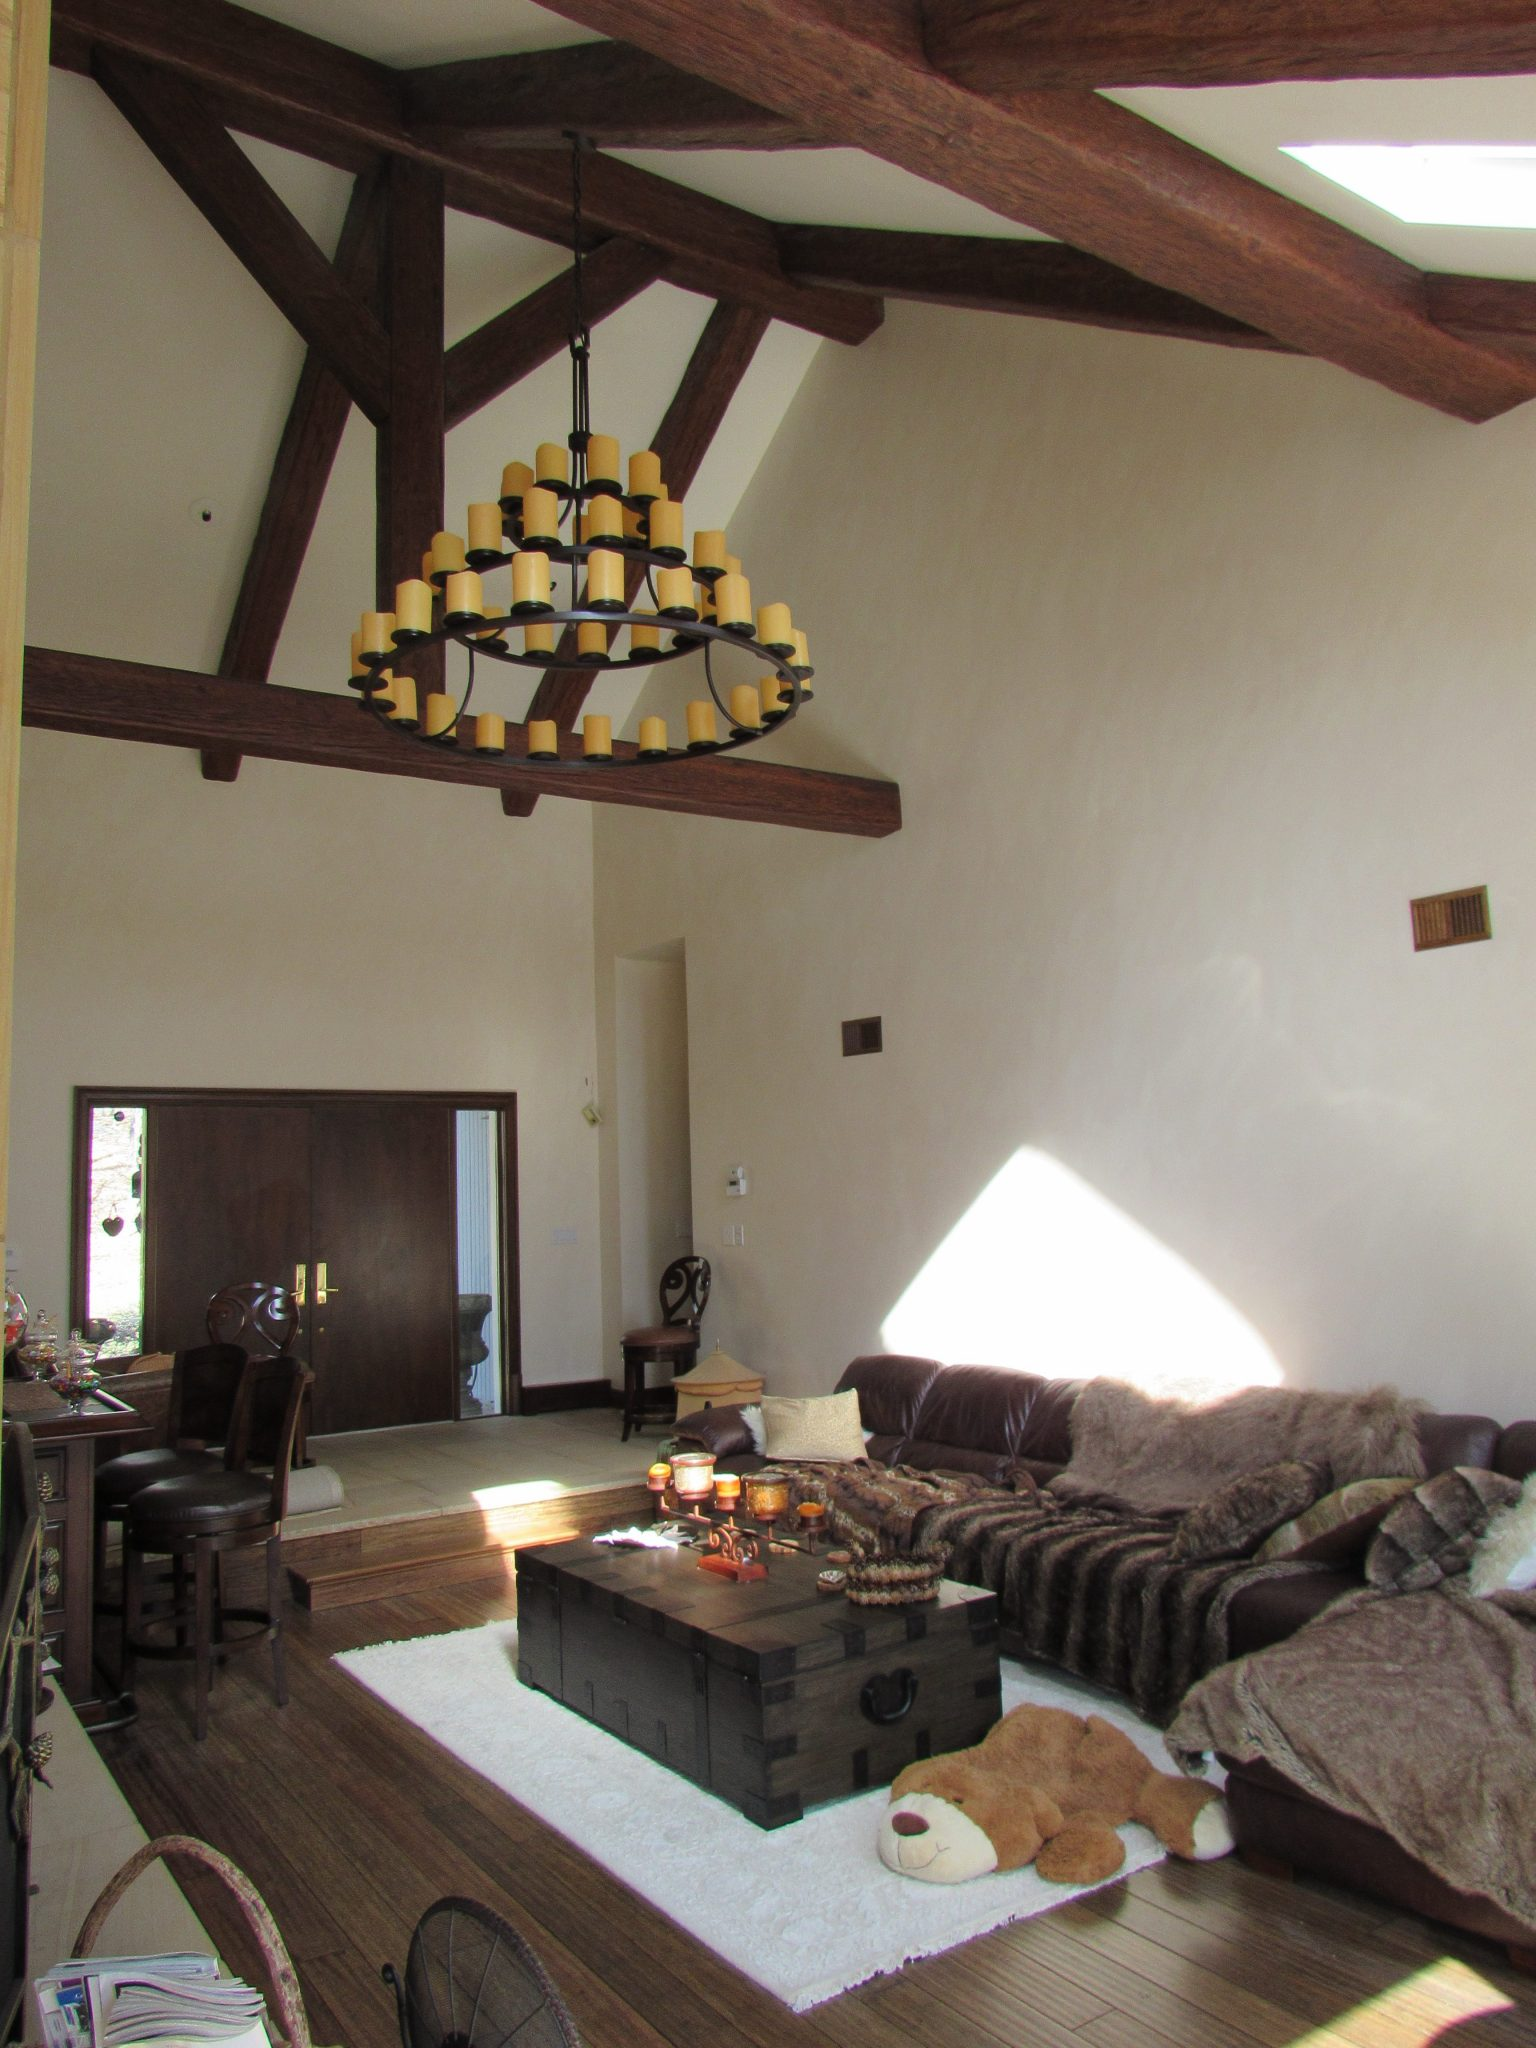 rustic interiors interior painting